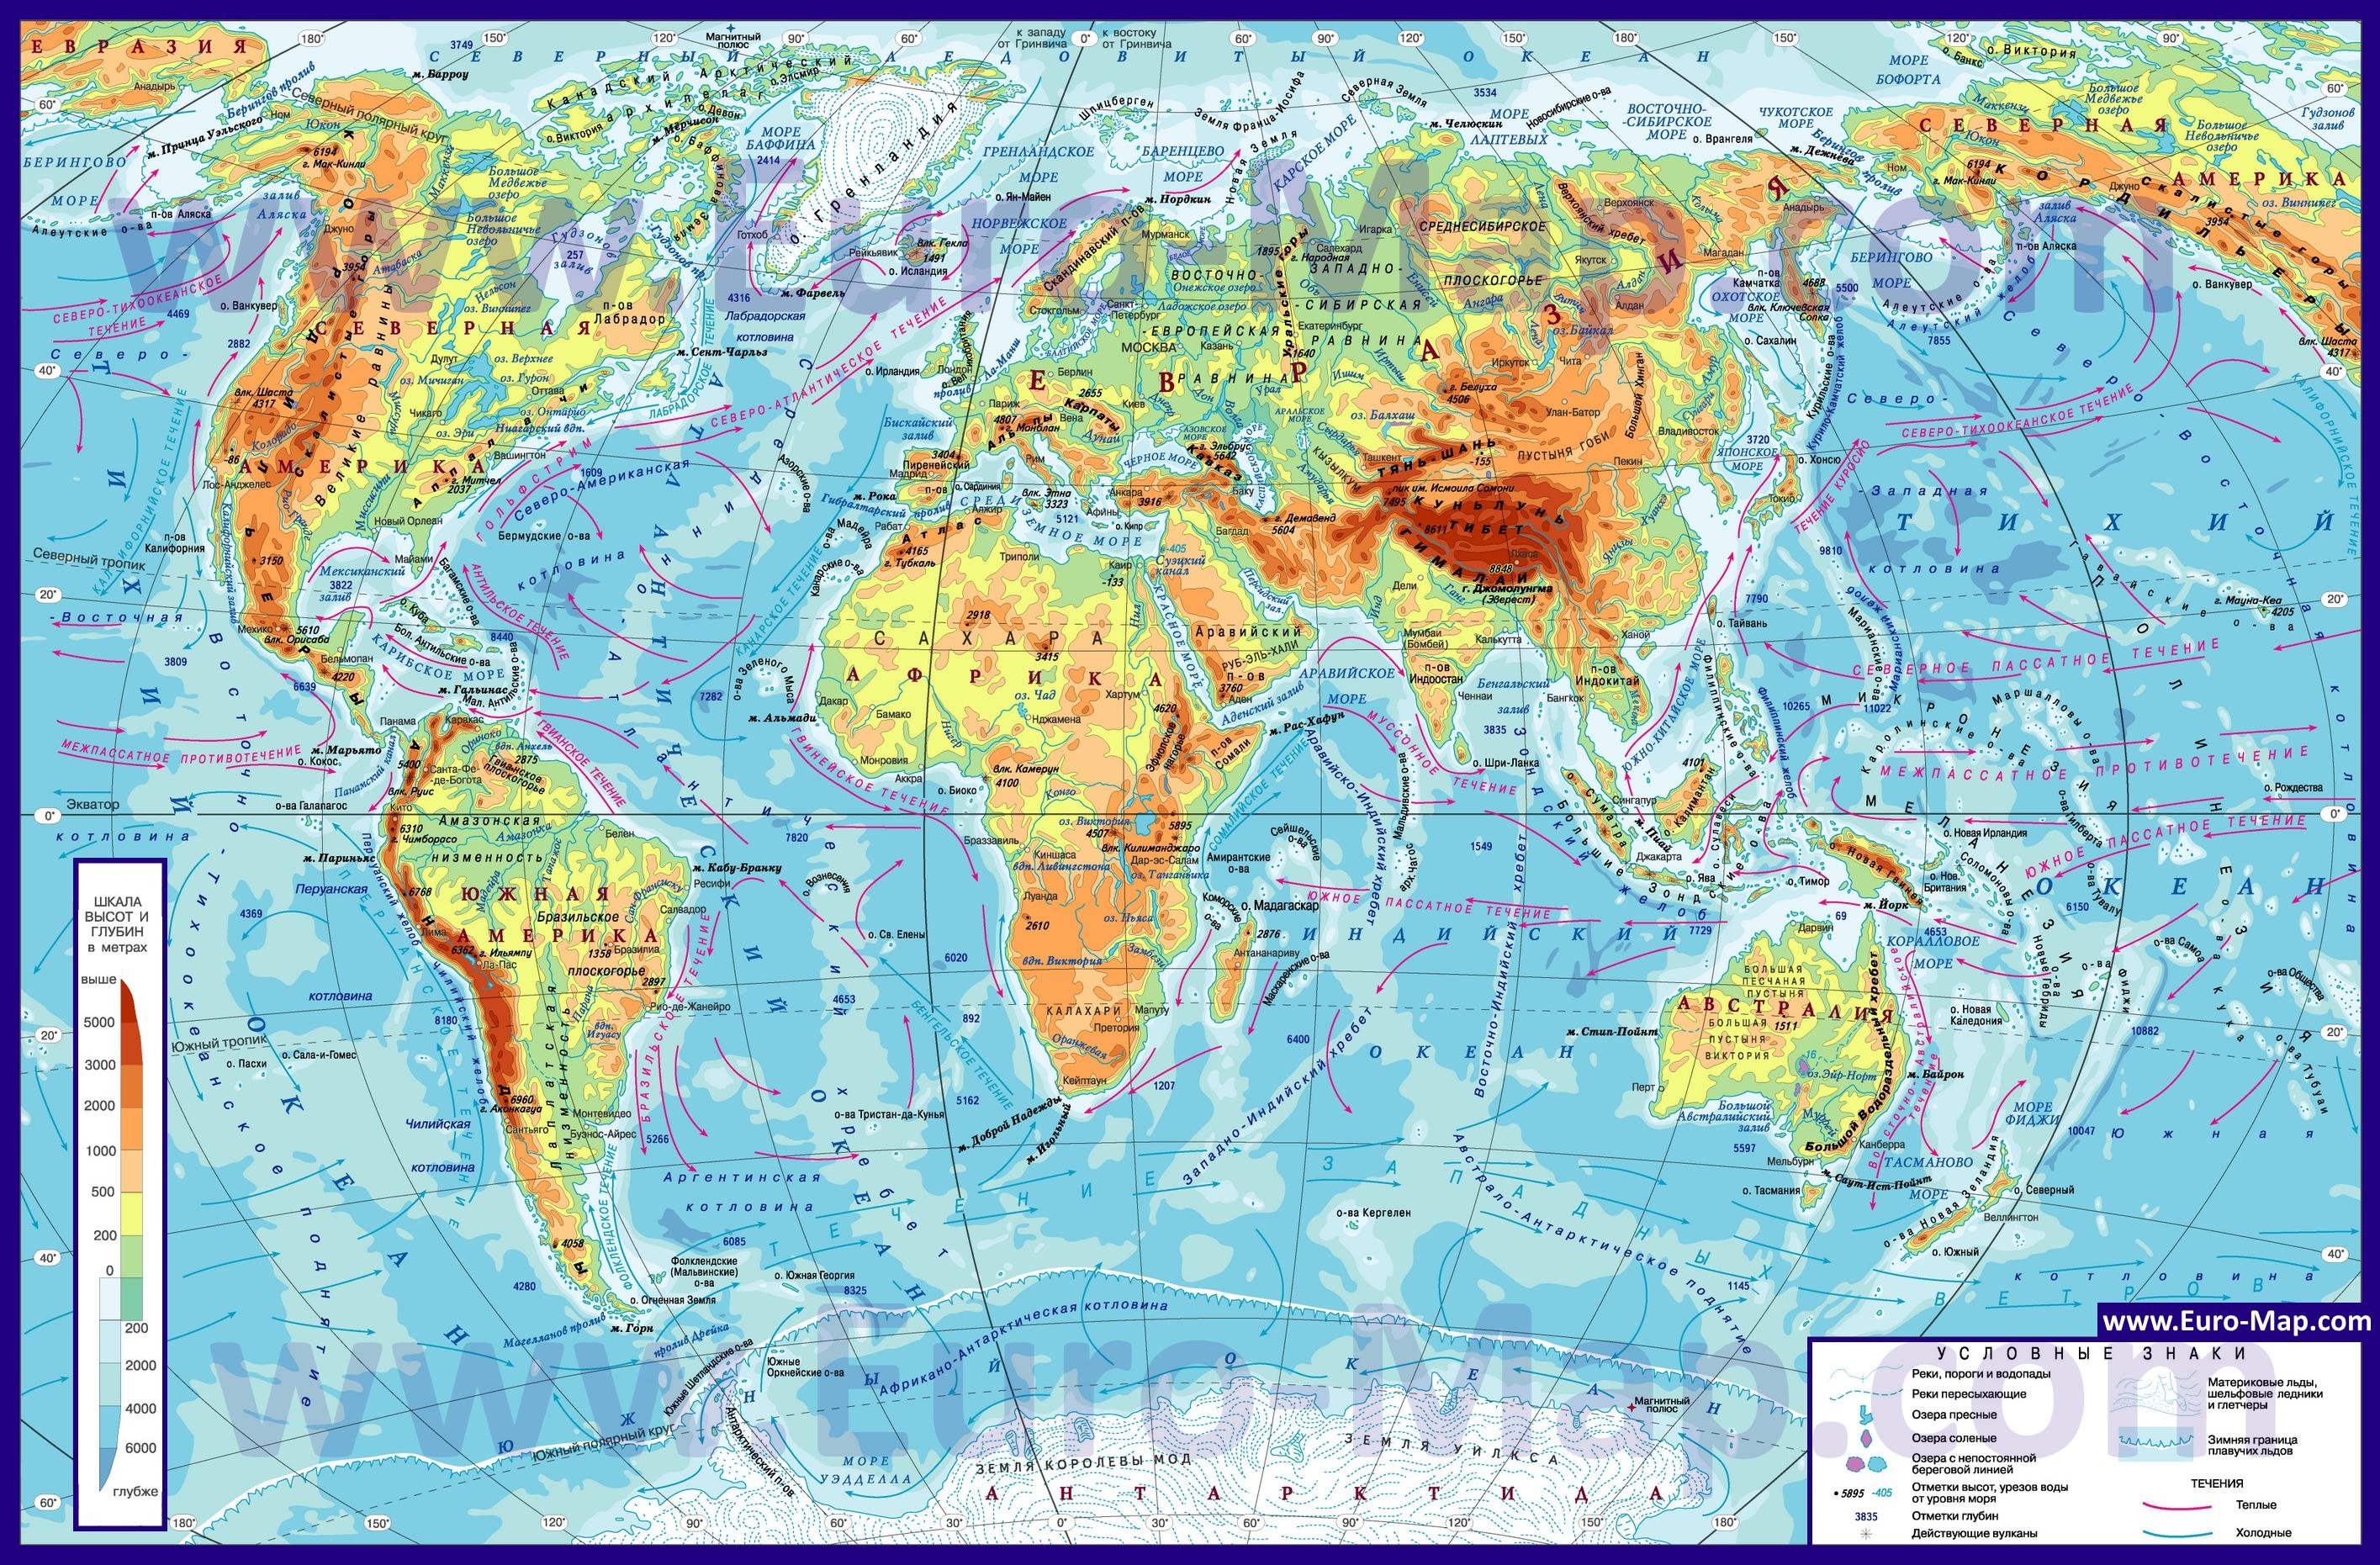 Скачать карту мира на компьютер через торрент